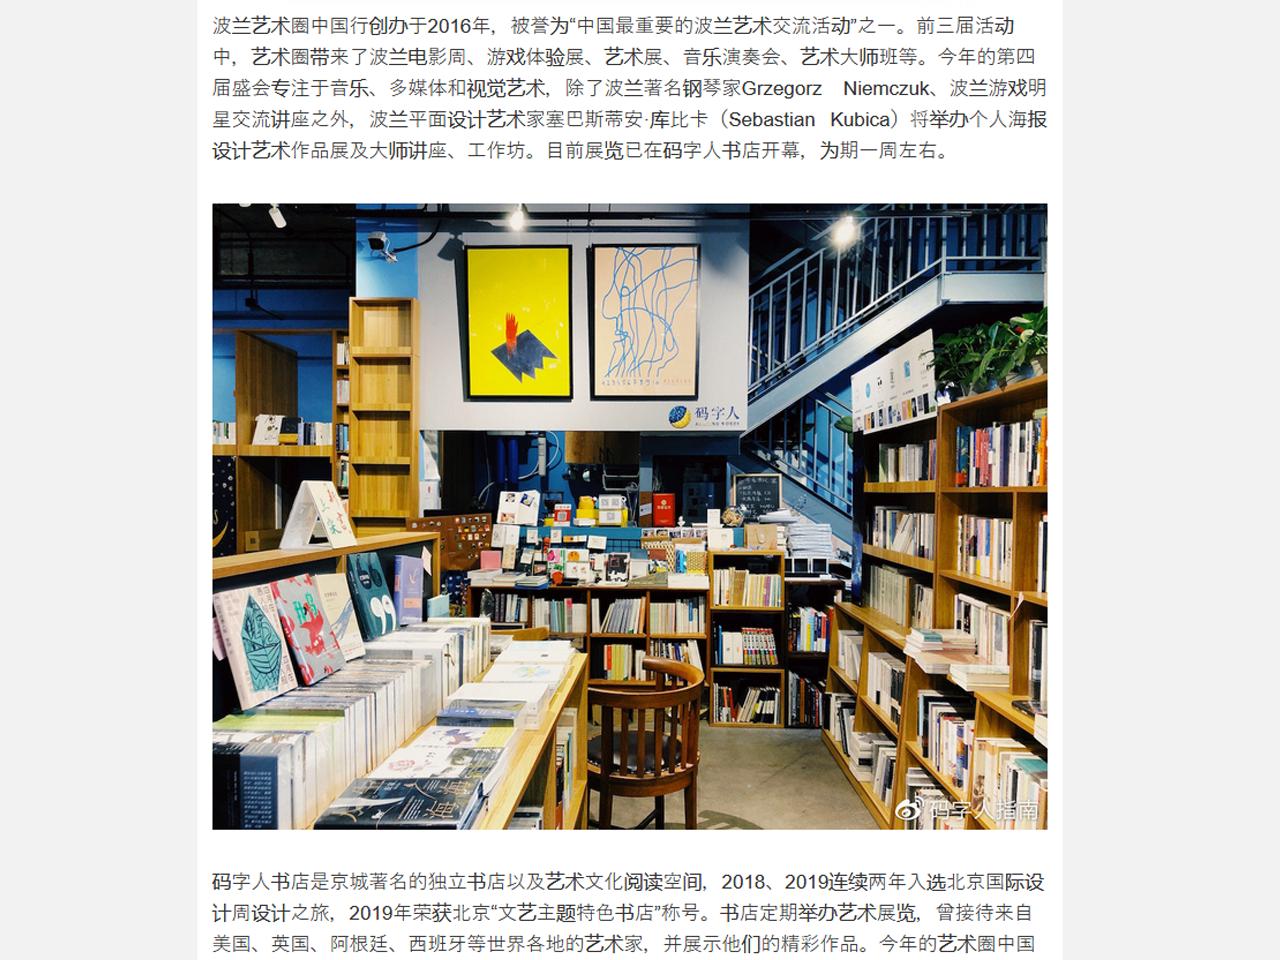 20191209_card.weibo.com